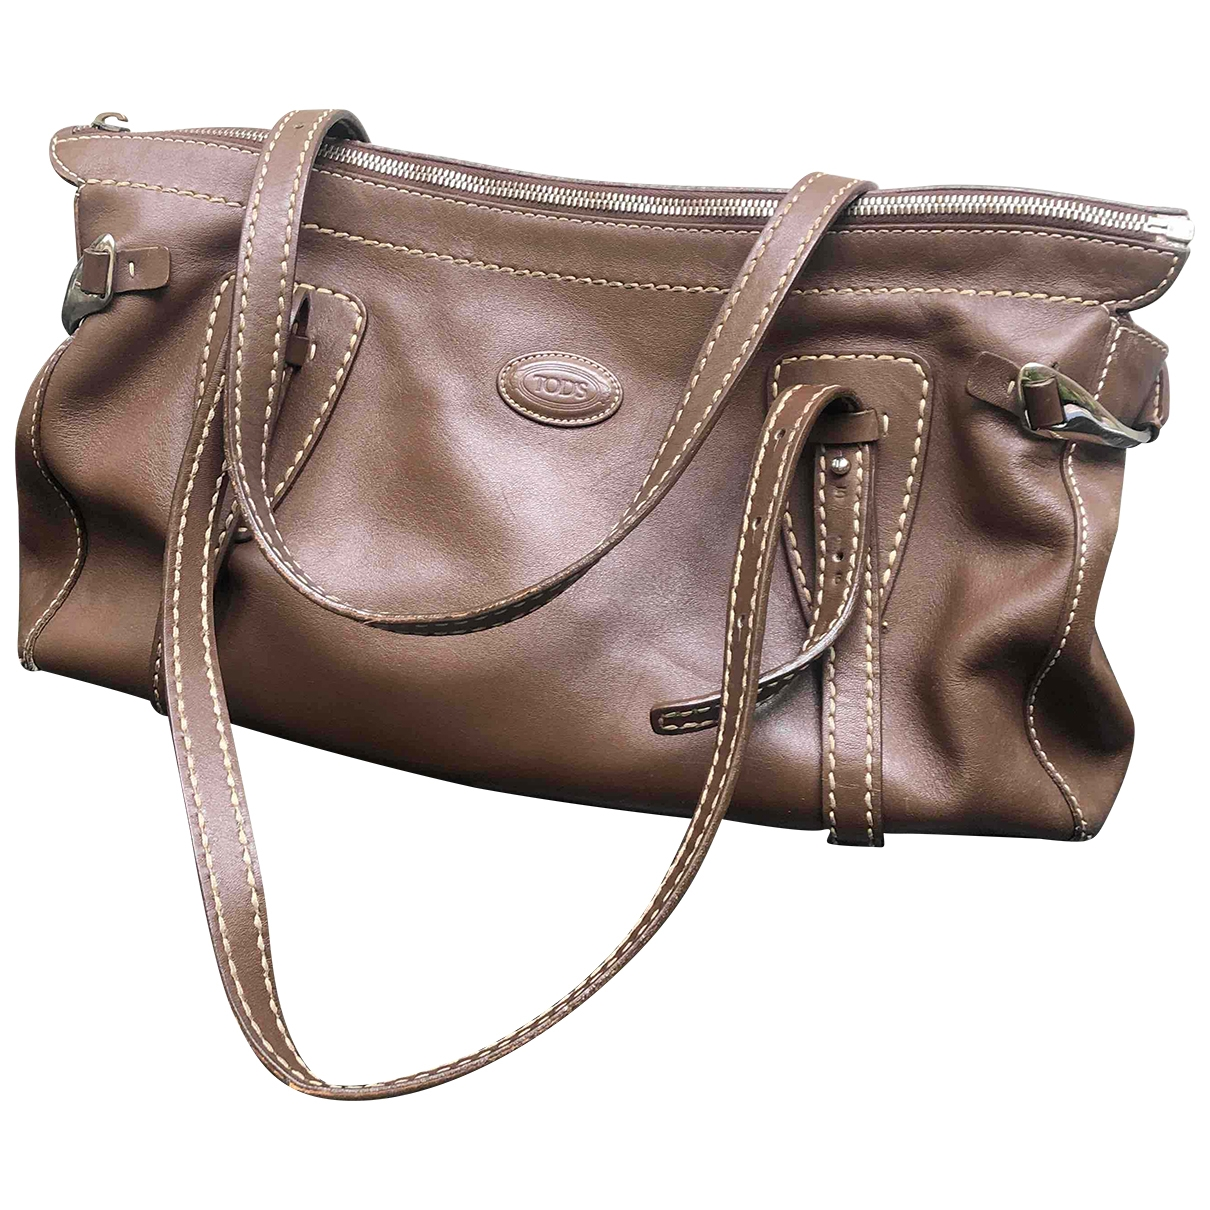 Tods \N Handtasche in  Braun Leder